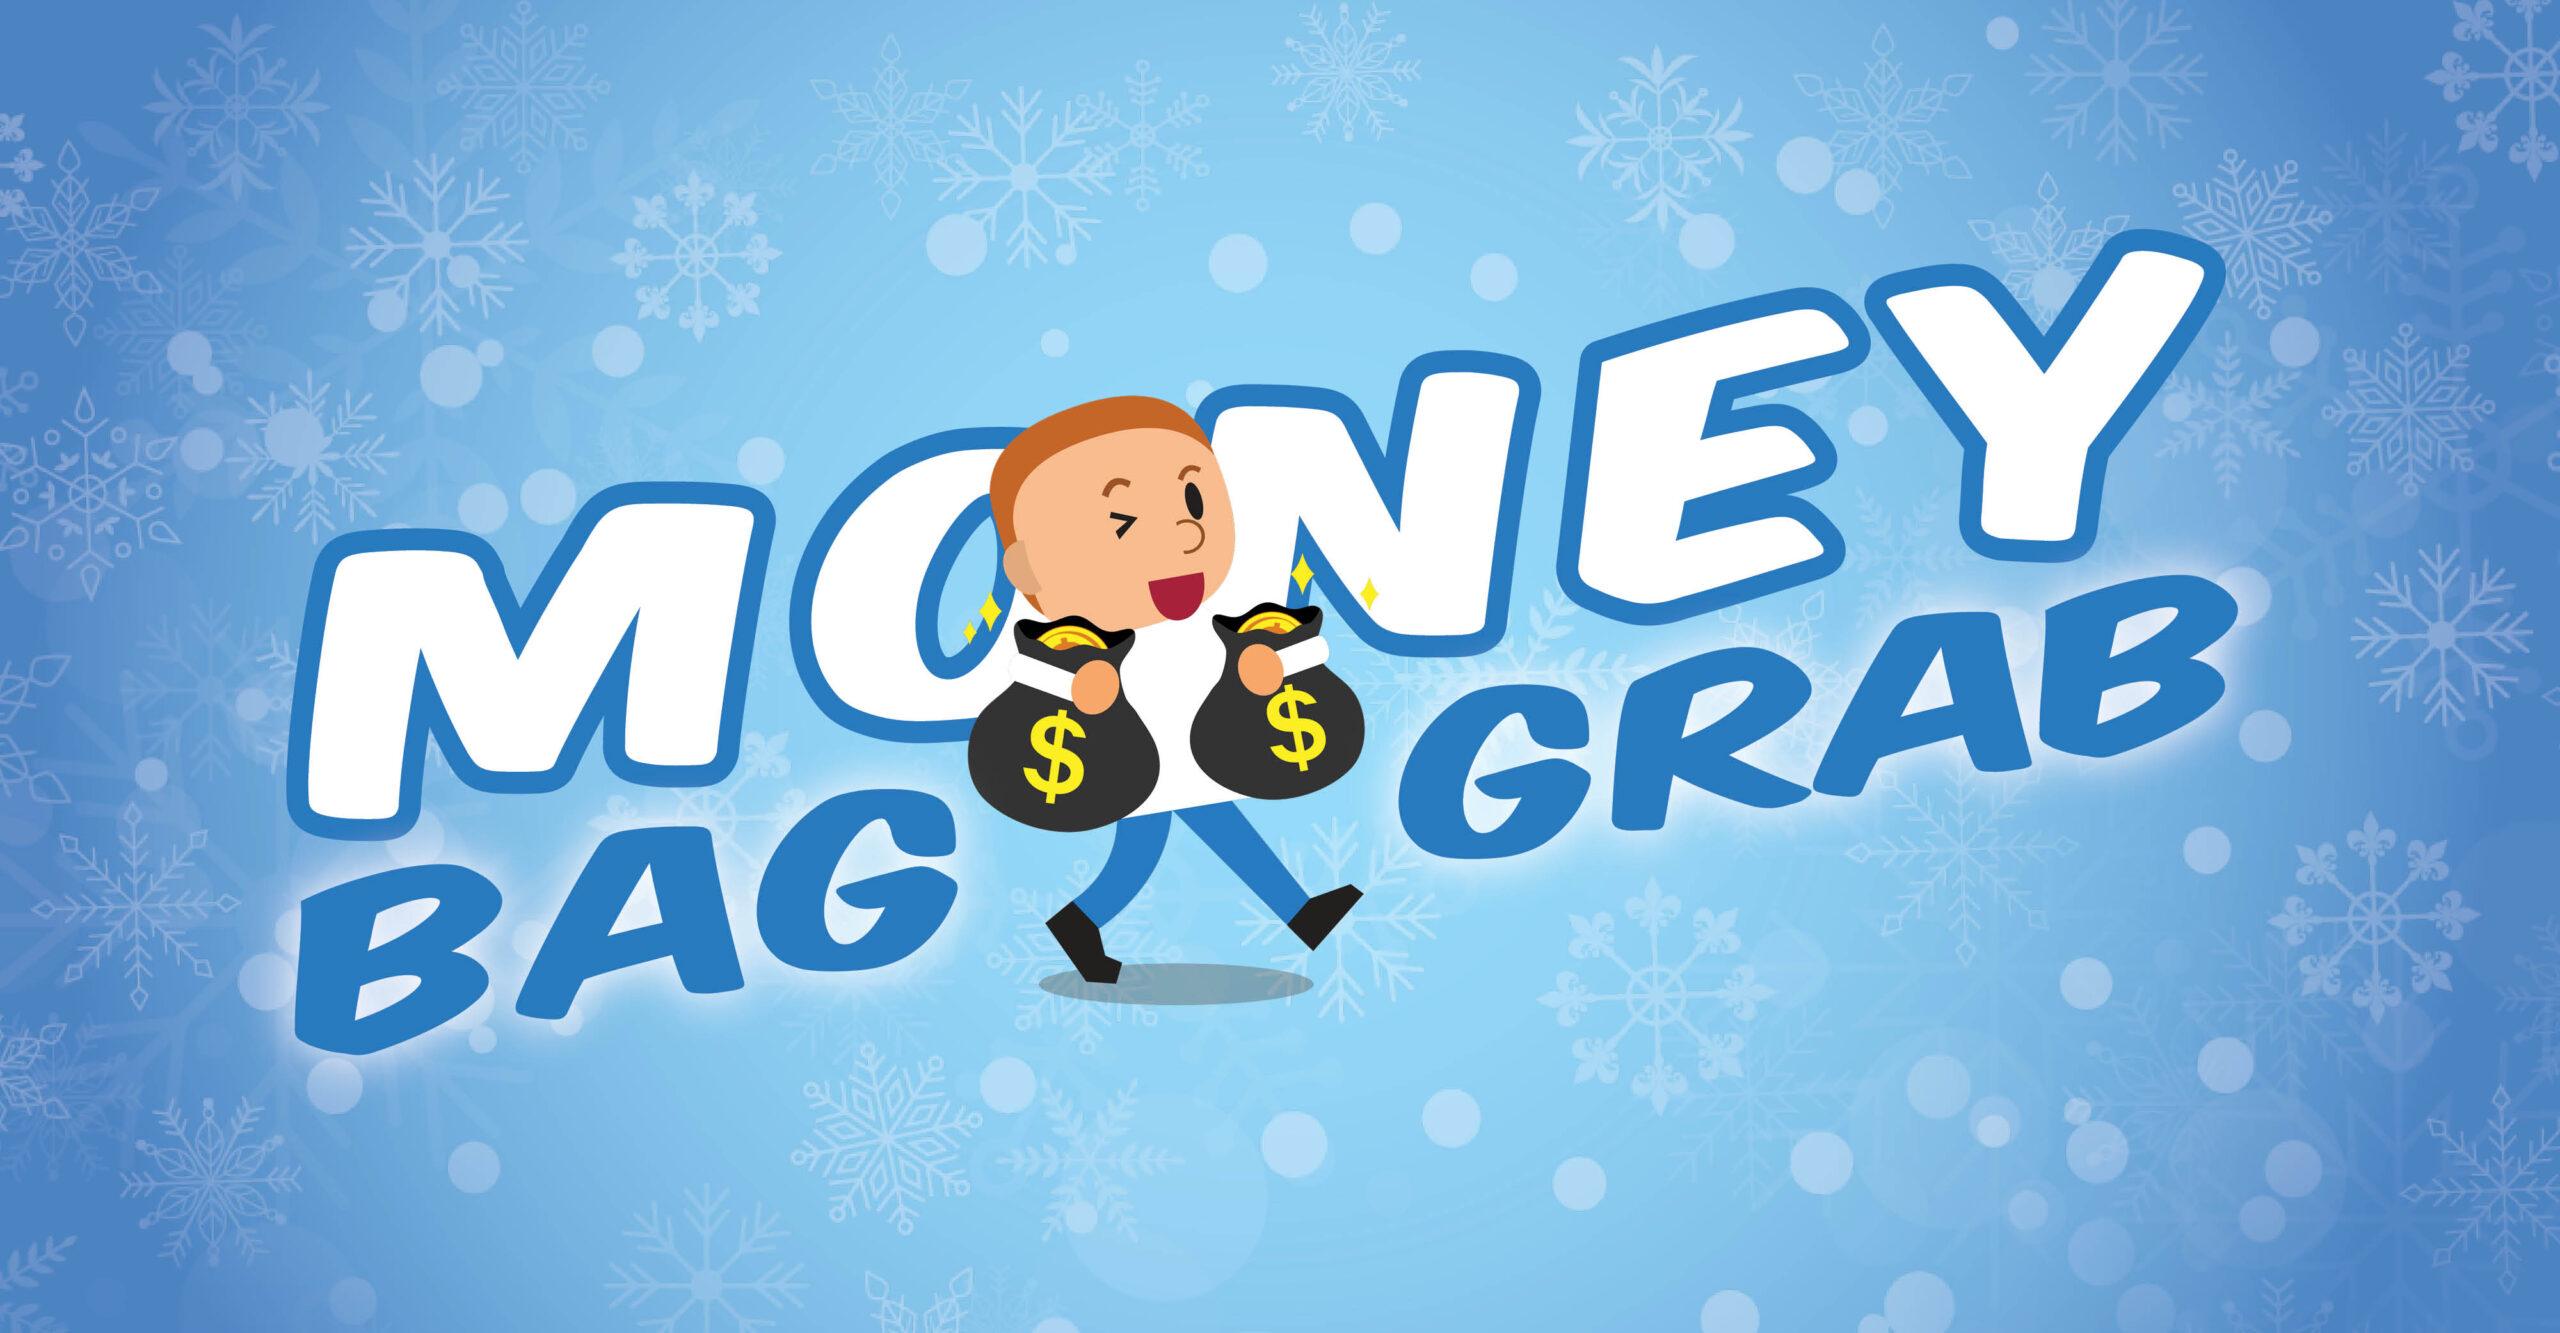 January Money Bag Grab